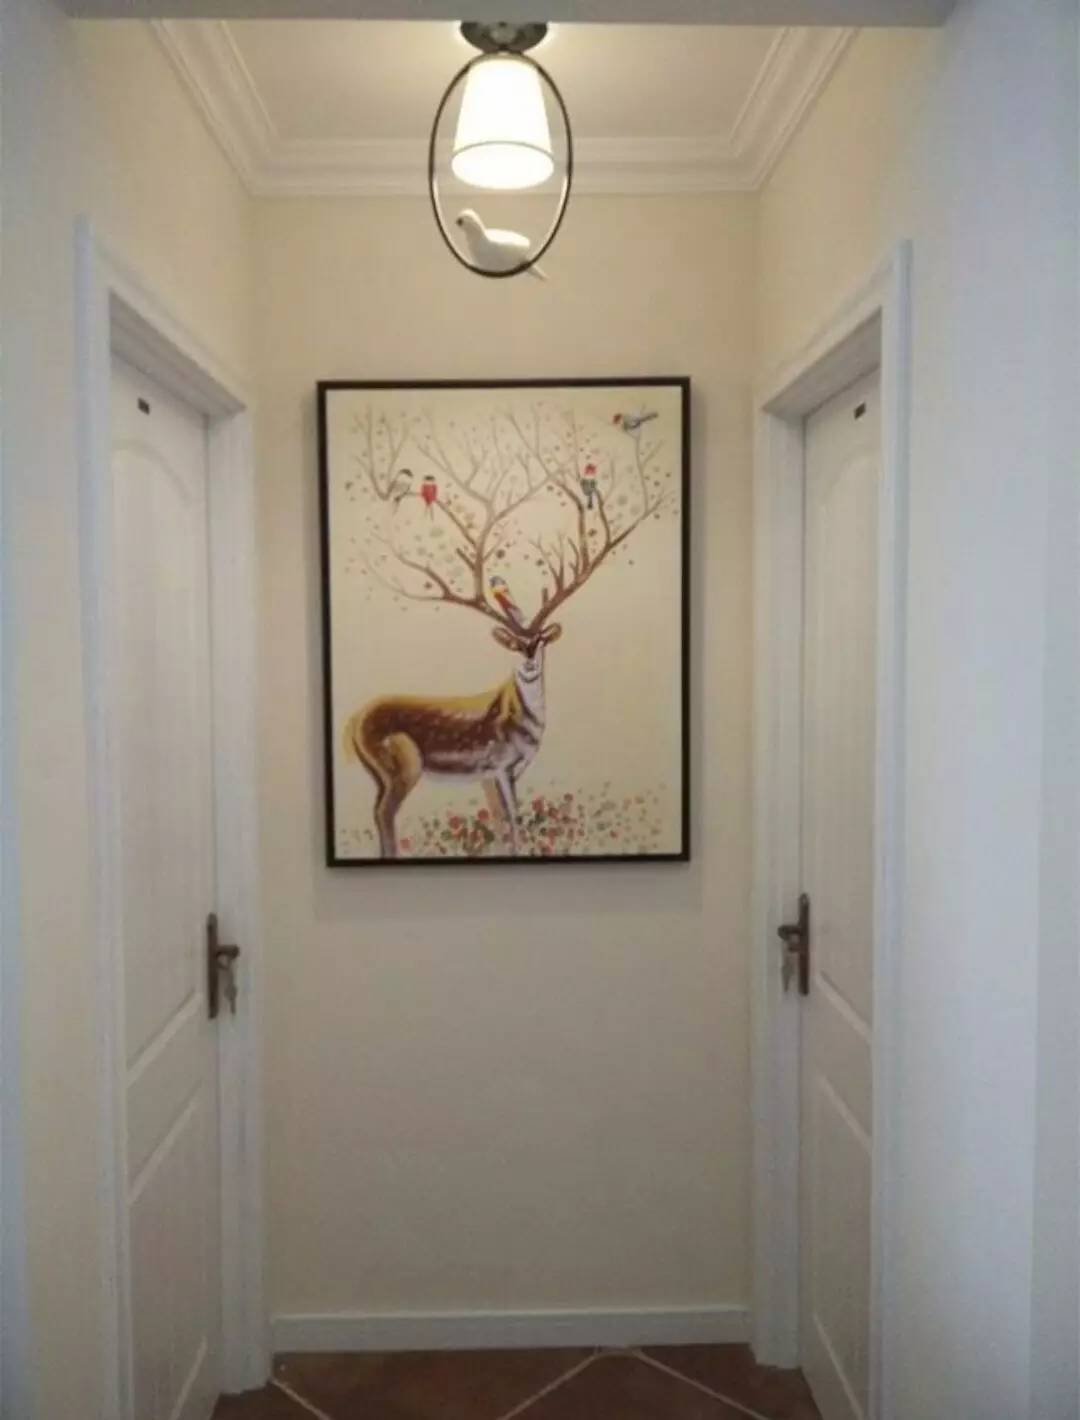 走廊尽头的那面墙,这样修真漂亮!图片